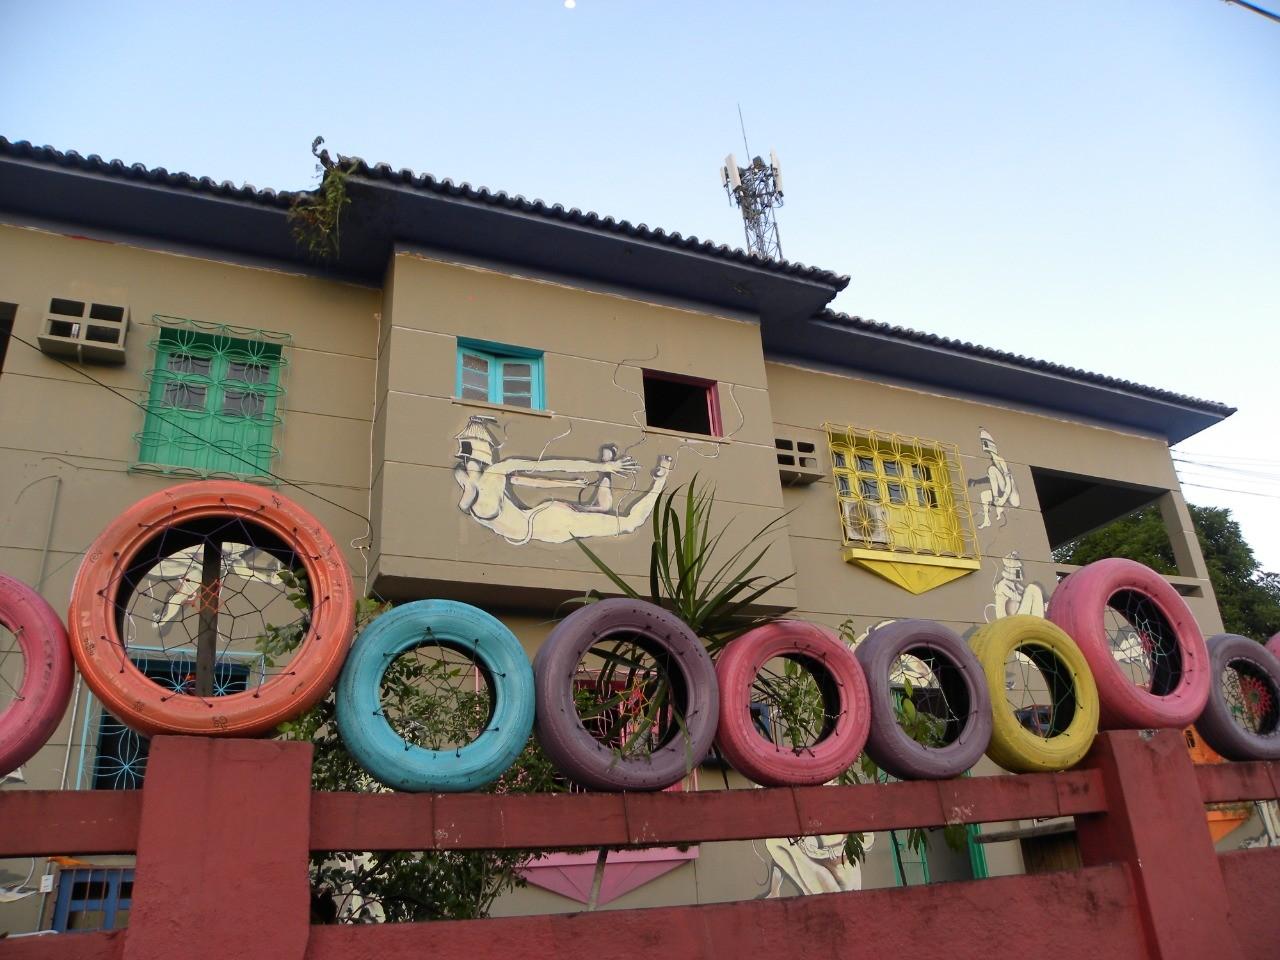 Casa cultural de Manaus promove exposição com manifestos artísticos de jovens em ascensão   - Radio Evangelho Gospel